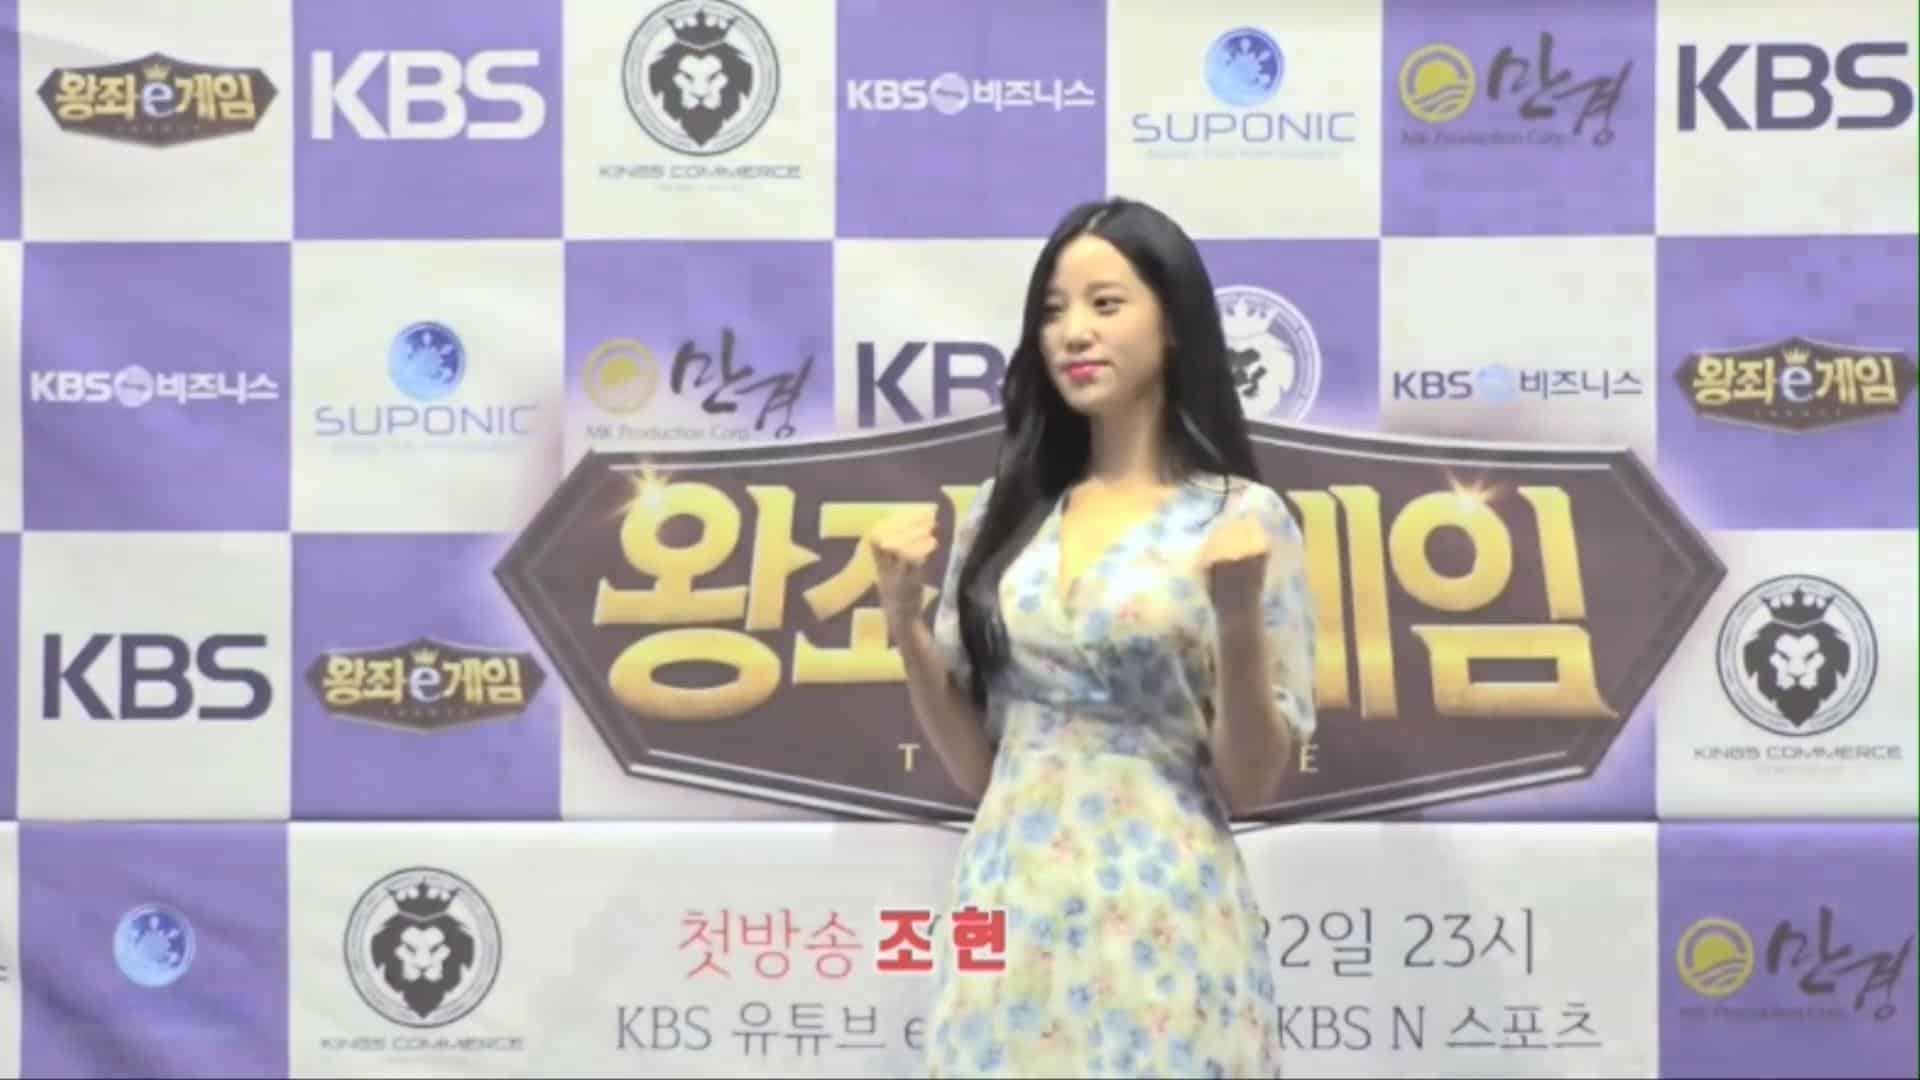 KBS아레나에서 열린 '왕좌e게임' 제작발표회에서 출연진이 포즈를 취하고 있다 ⓒ 갓잇코리아